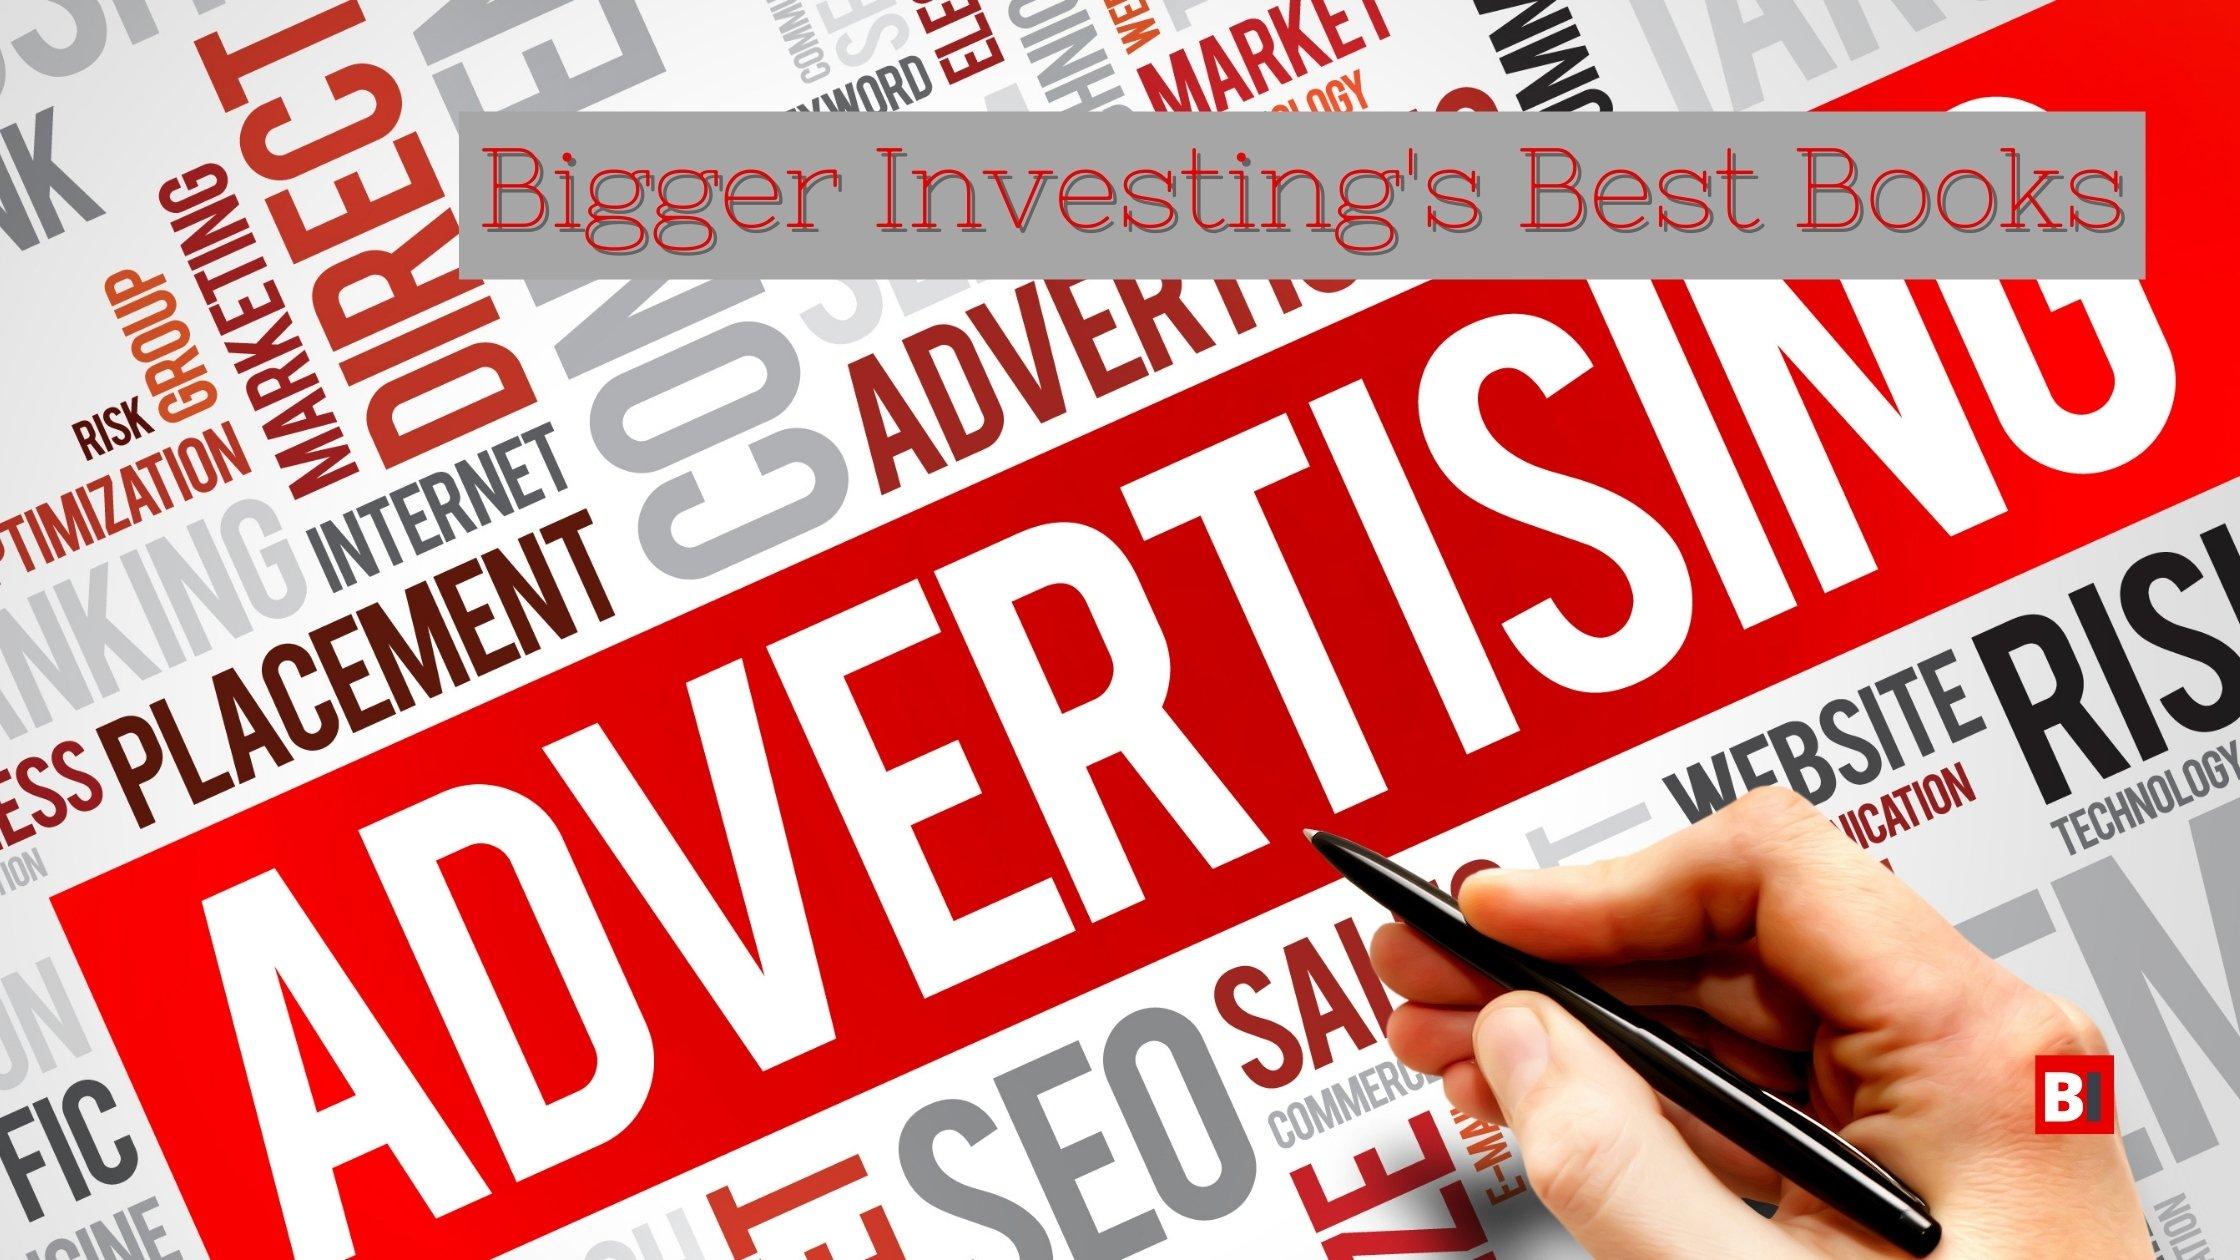 Best Books on Advertising